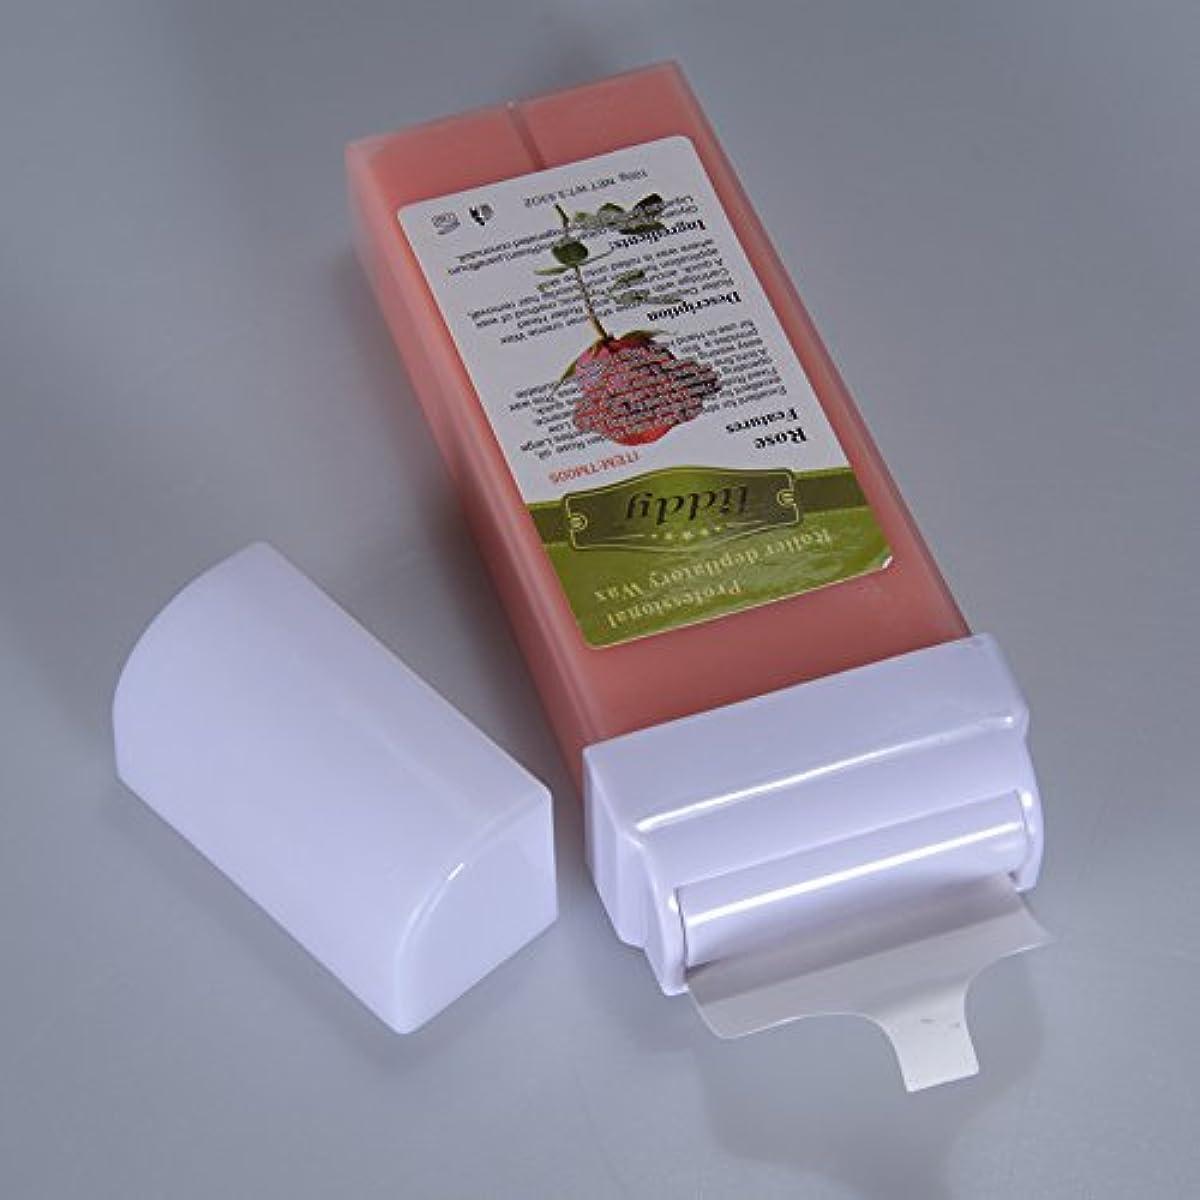 報奨金シャッフル雲Rabugoo 脱毛プロフェッショナル使用水溶性脱毛砂糖ワックスカートリッジワックスグッドスメル - 100g / 3.53oz 100g rose